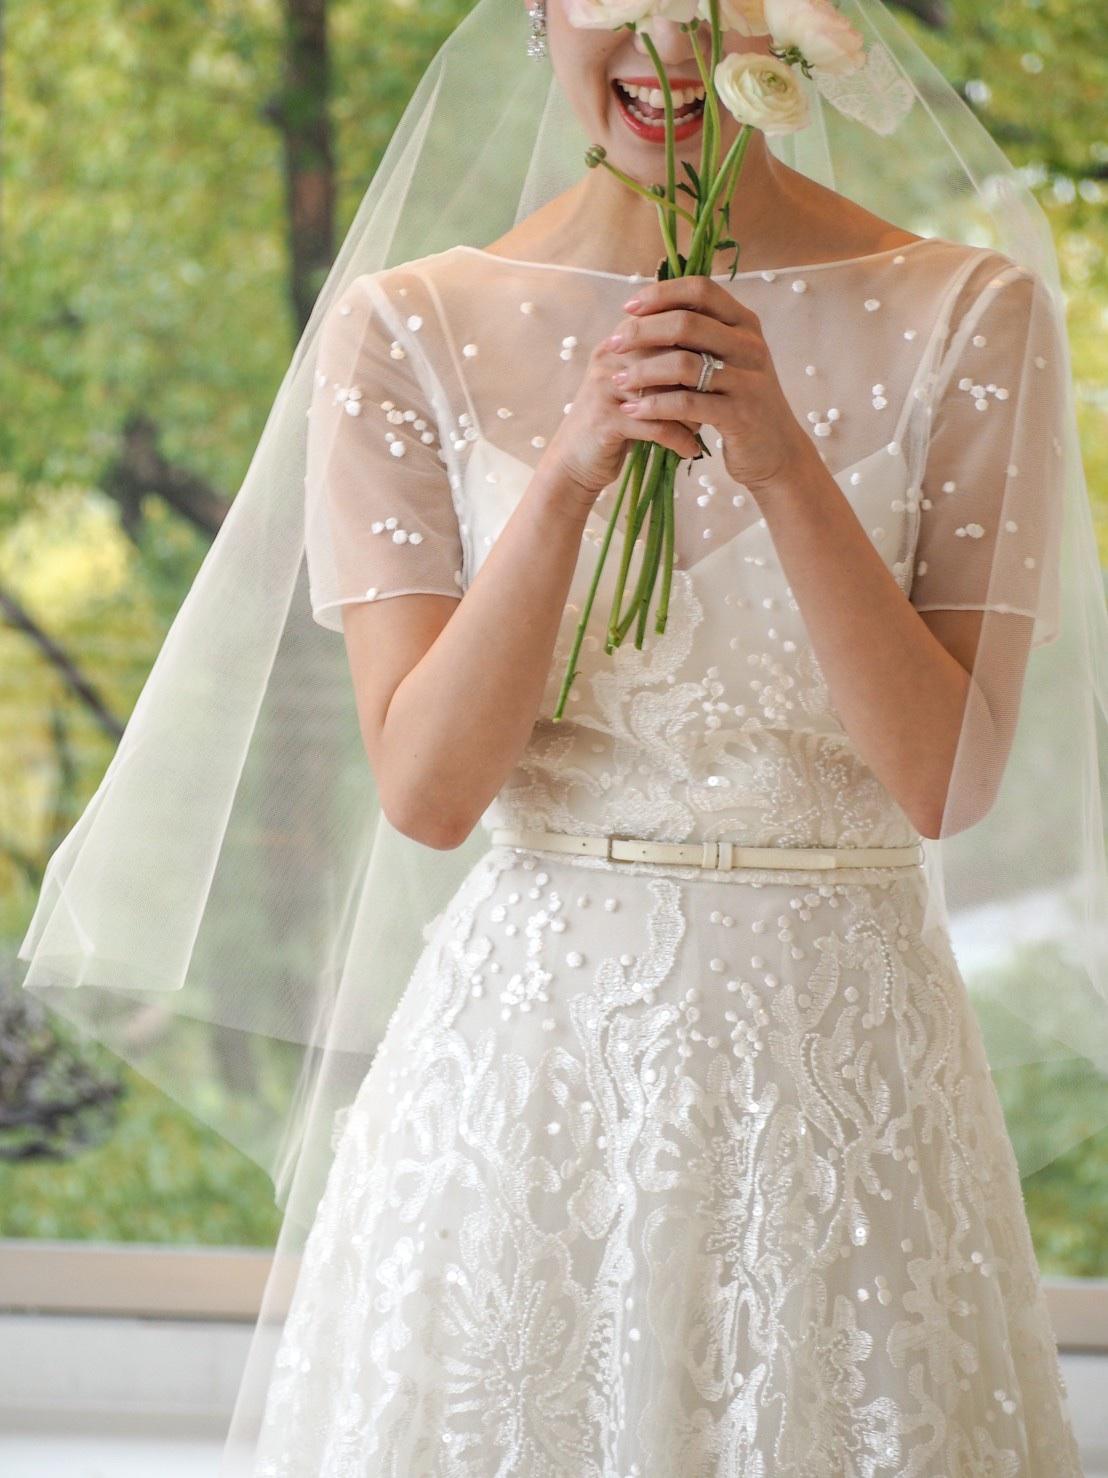 THE TREAT DRESSING(ザ・トリート・ドレッシング) よりELIE SAAB BRIDE(エリー・サーブ ブライド)のドレスのご紹介